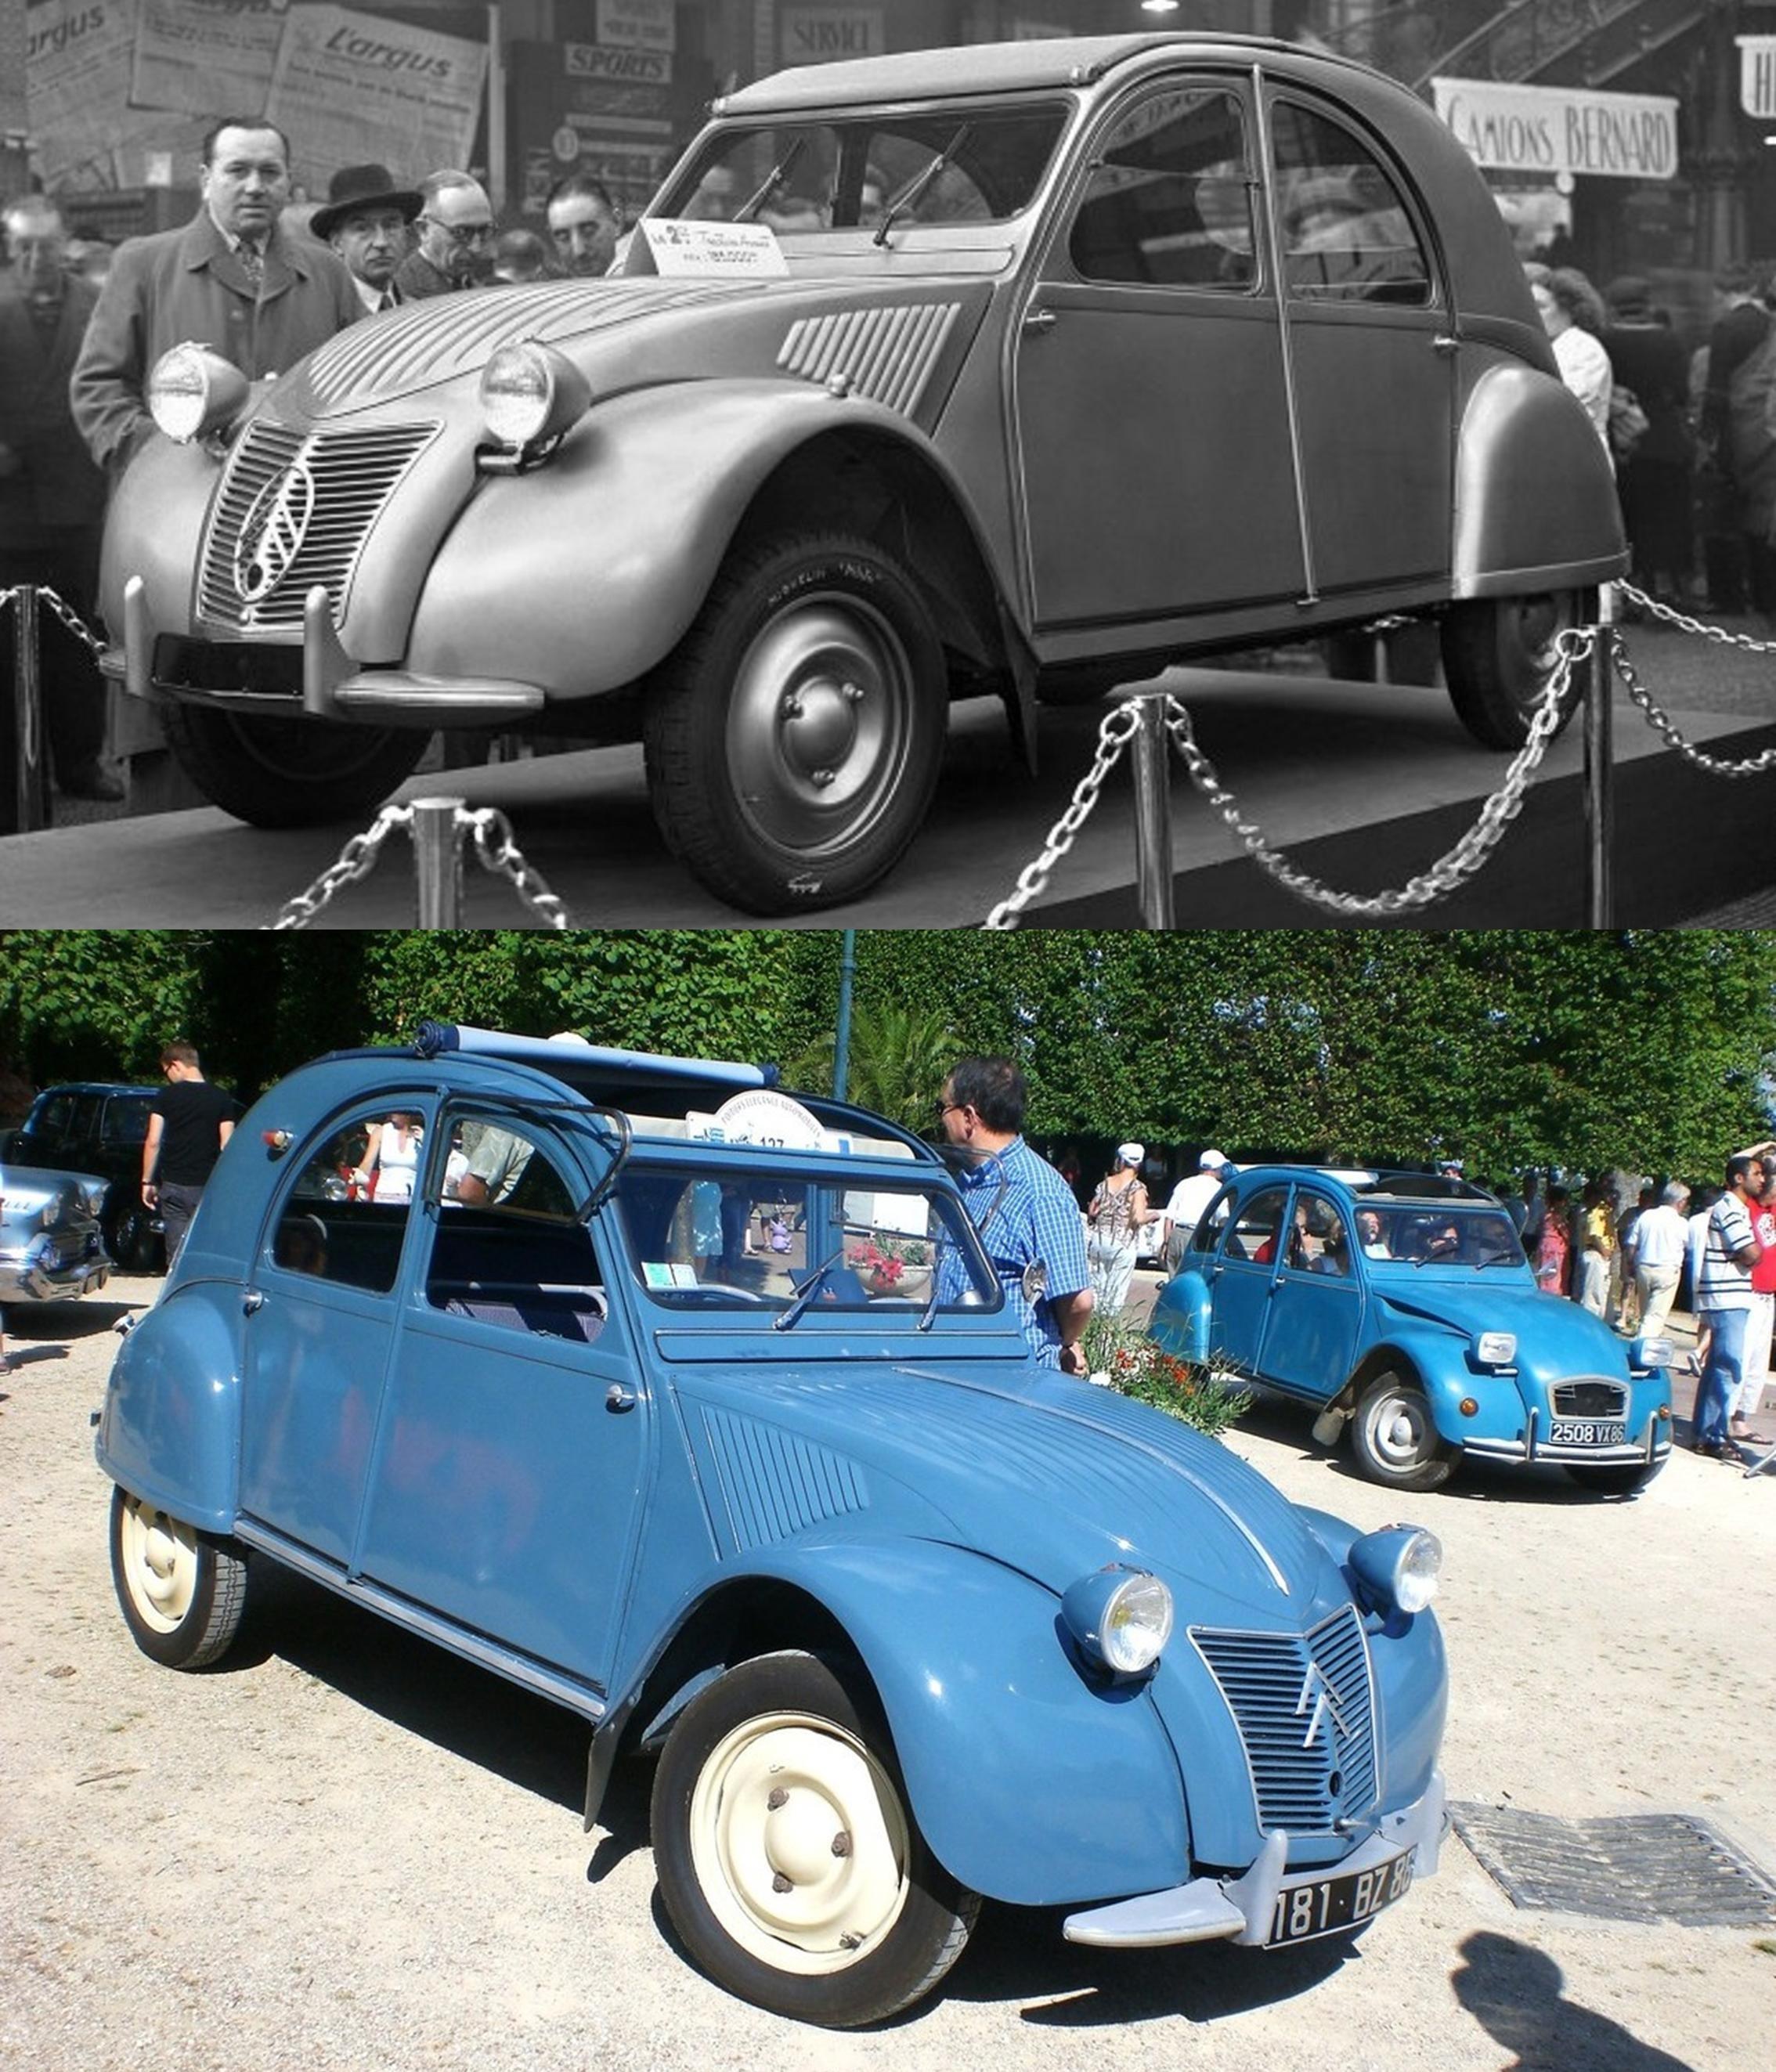 Une voiture de légende, la « deux-chevaux » Citroën !